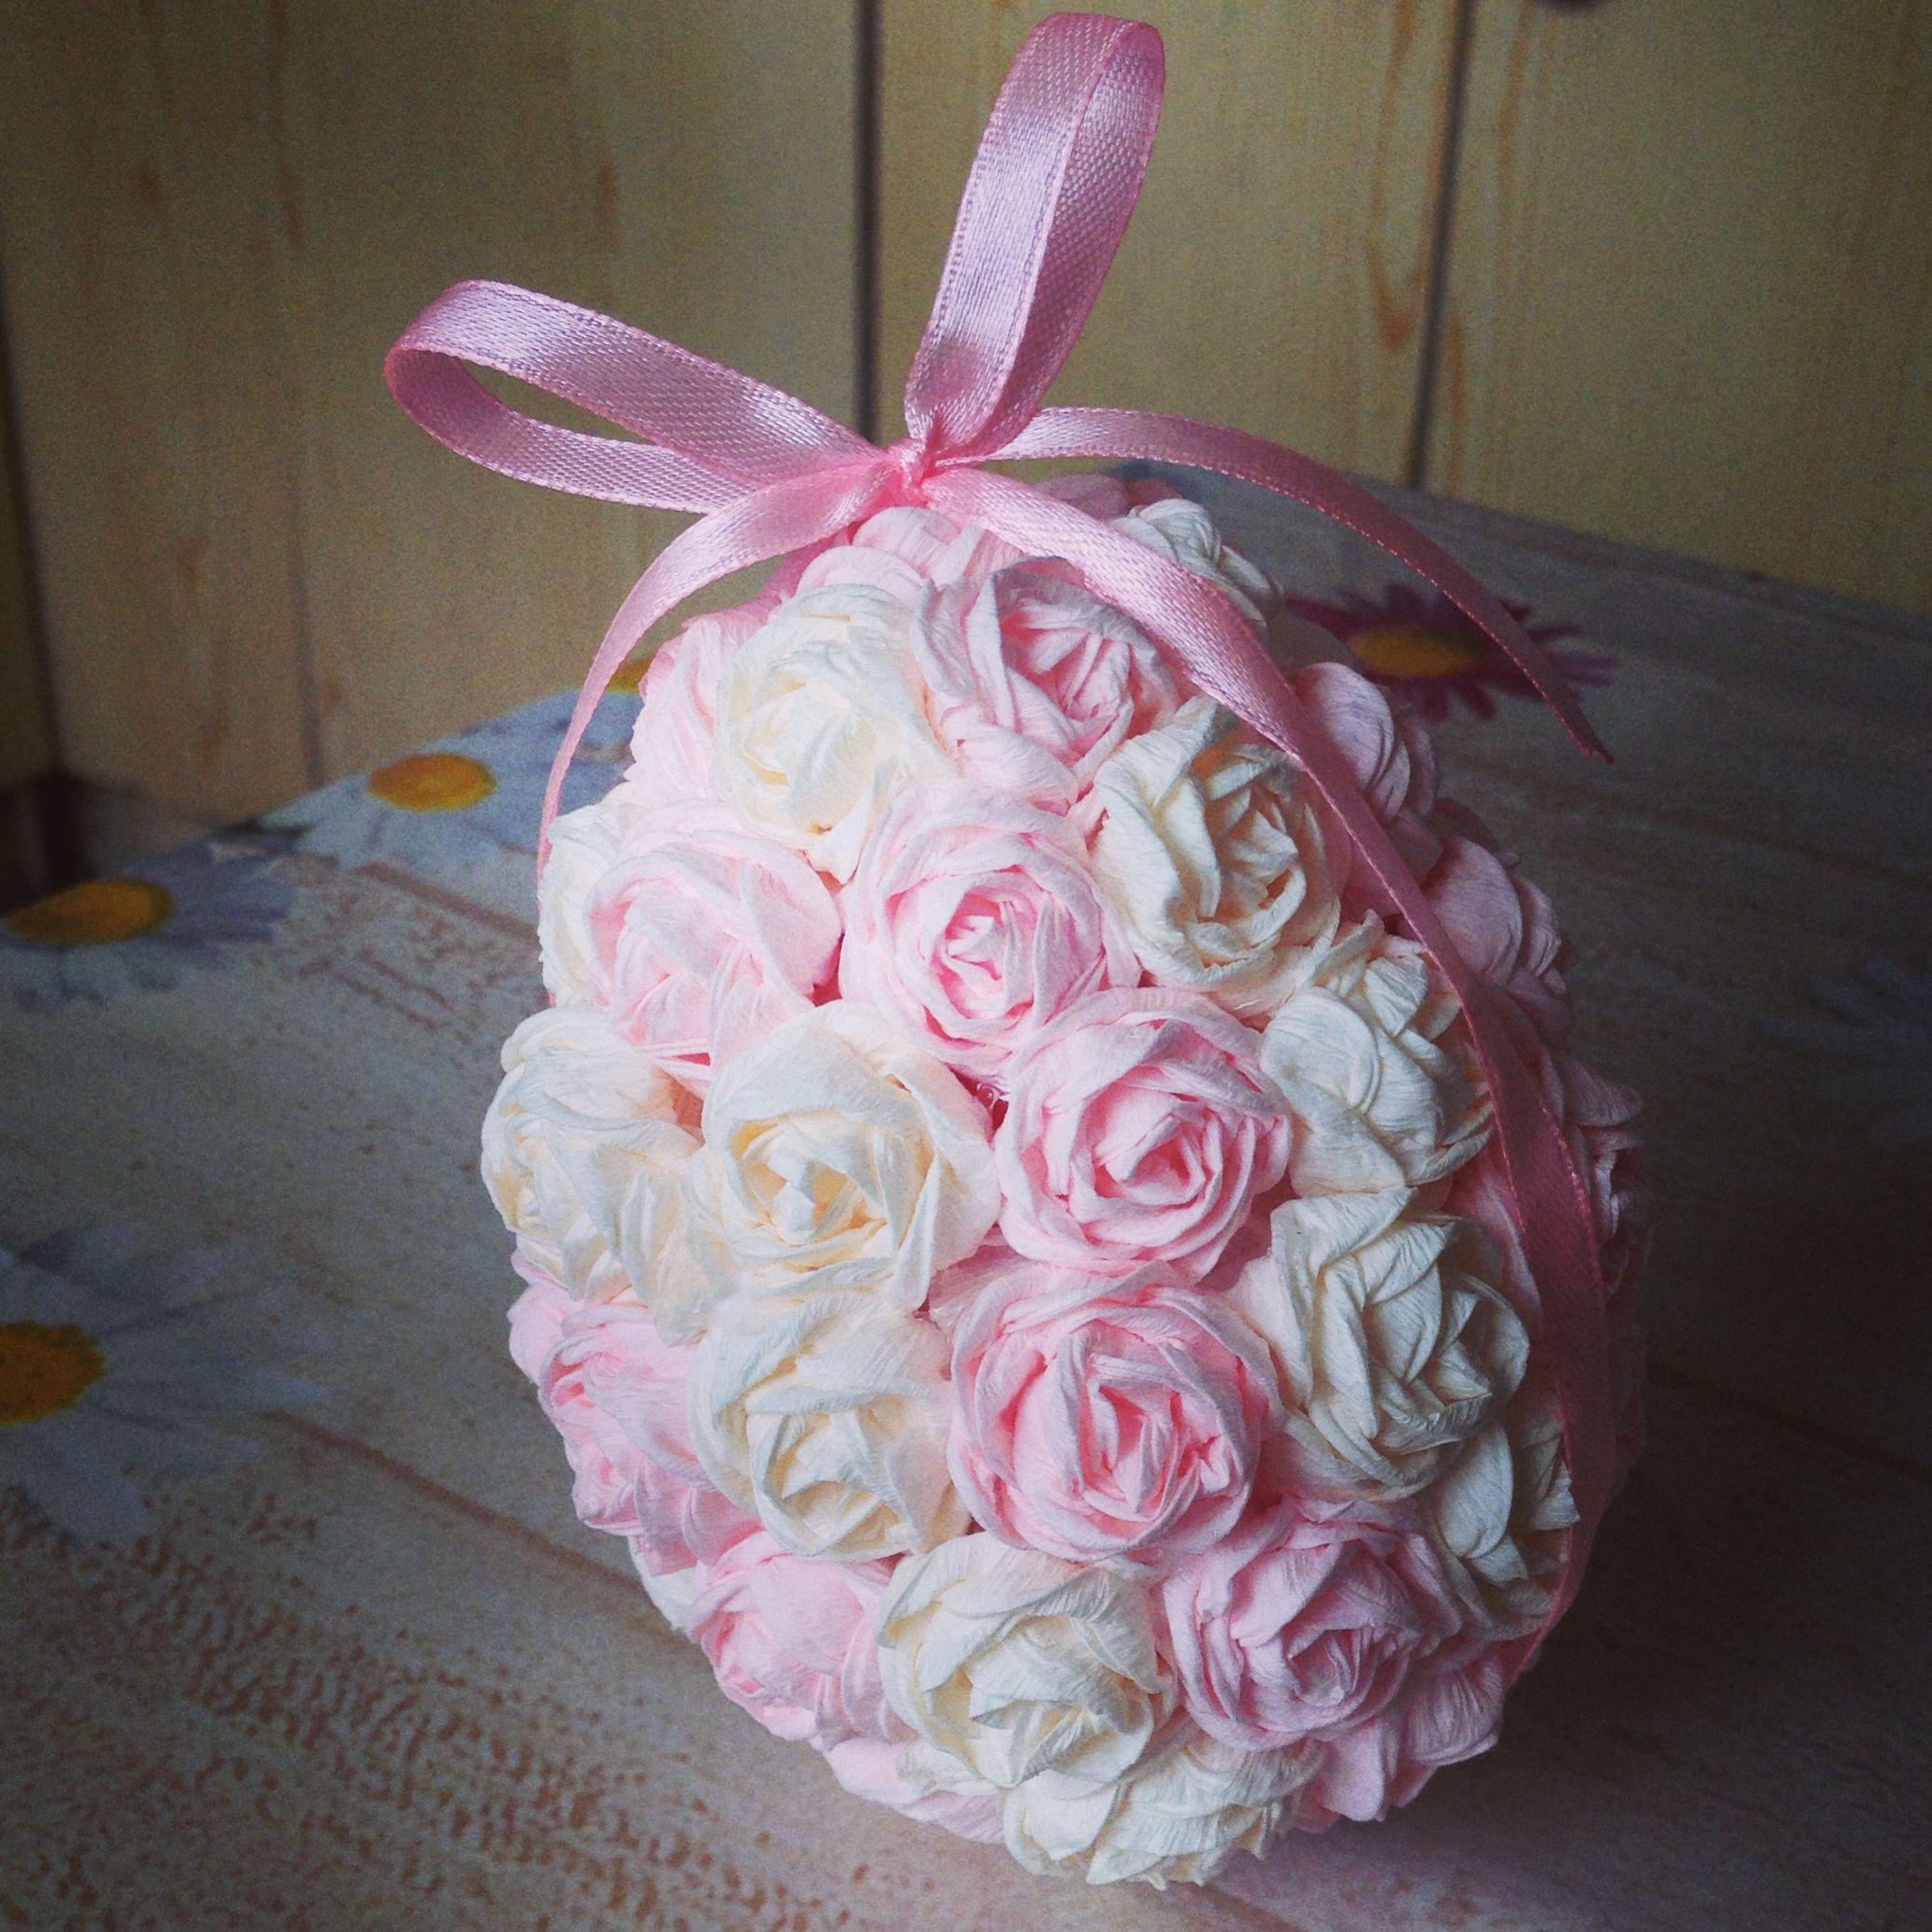 jajko z róż